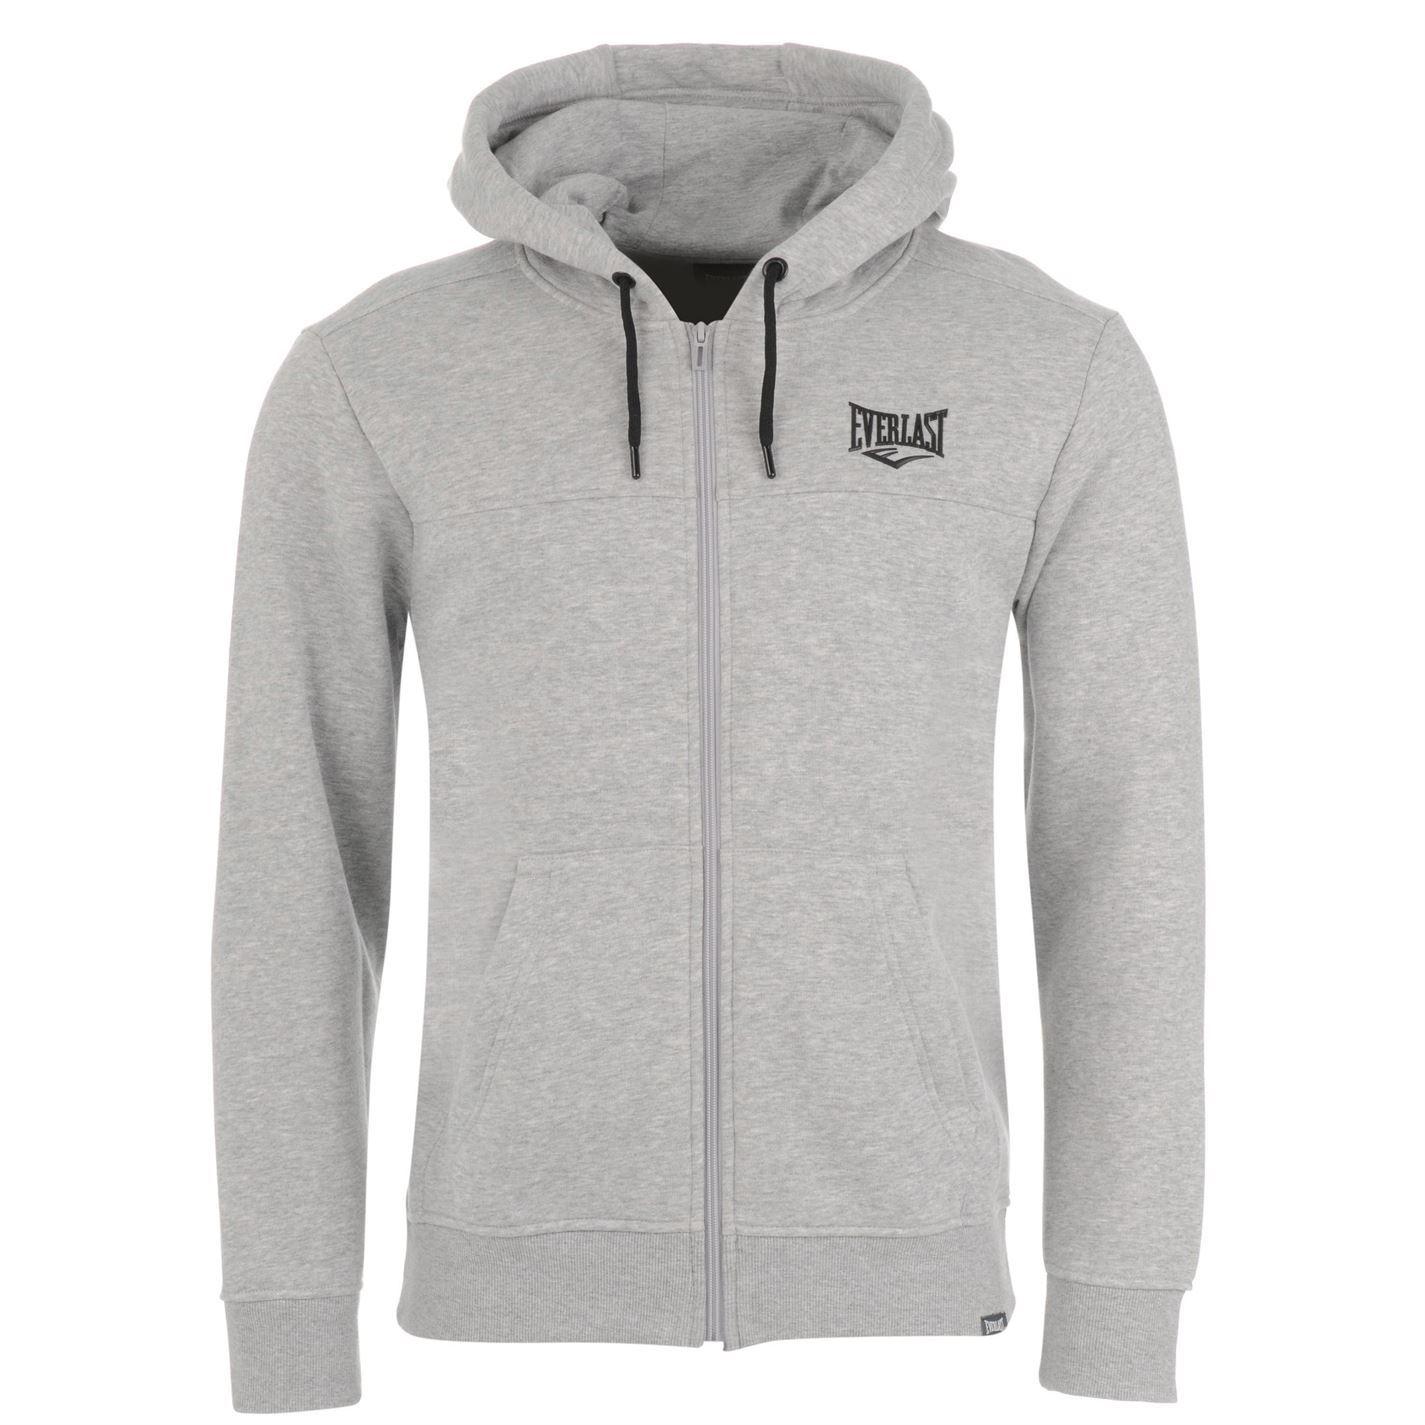 Everlast-Logo-Full-Zip-Hoody-Jacket-Mens-Hoodie-Sweatshirt-Sweater-Hooded-Top thumbnail 27